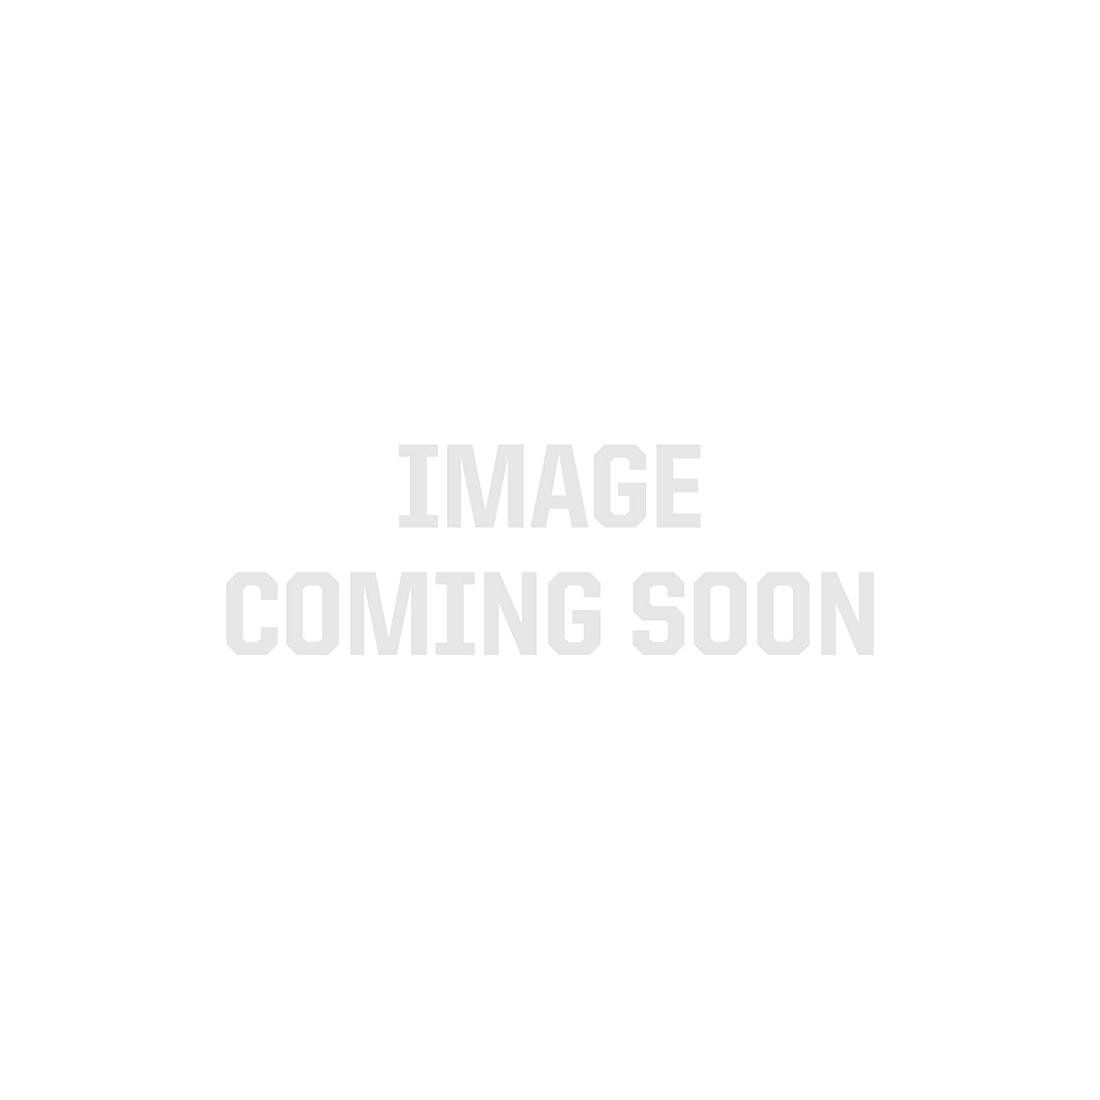 Soft White 2835 LED Strip Light, 60/m, 5mm wide, Sample Kit